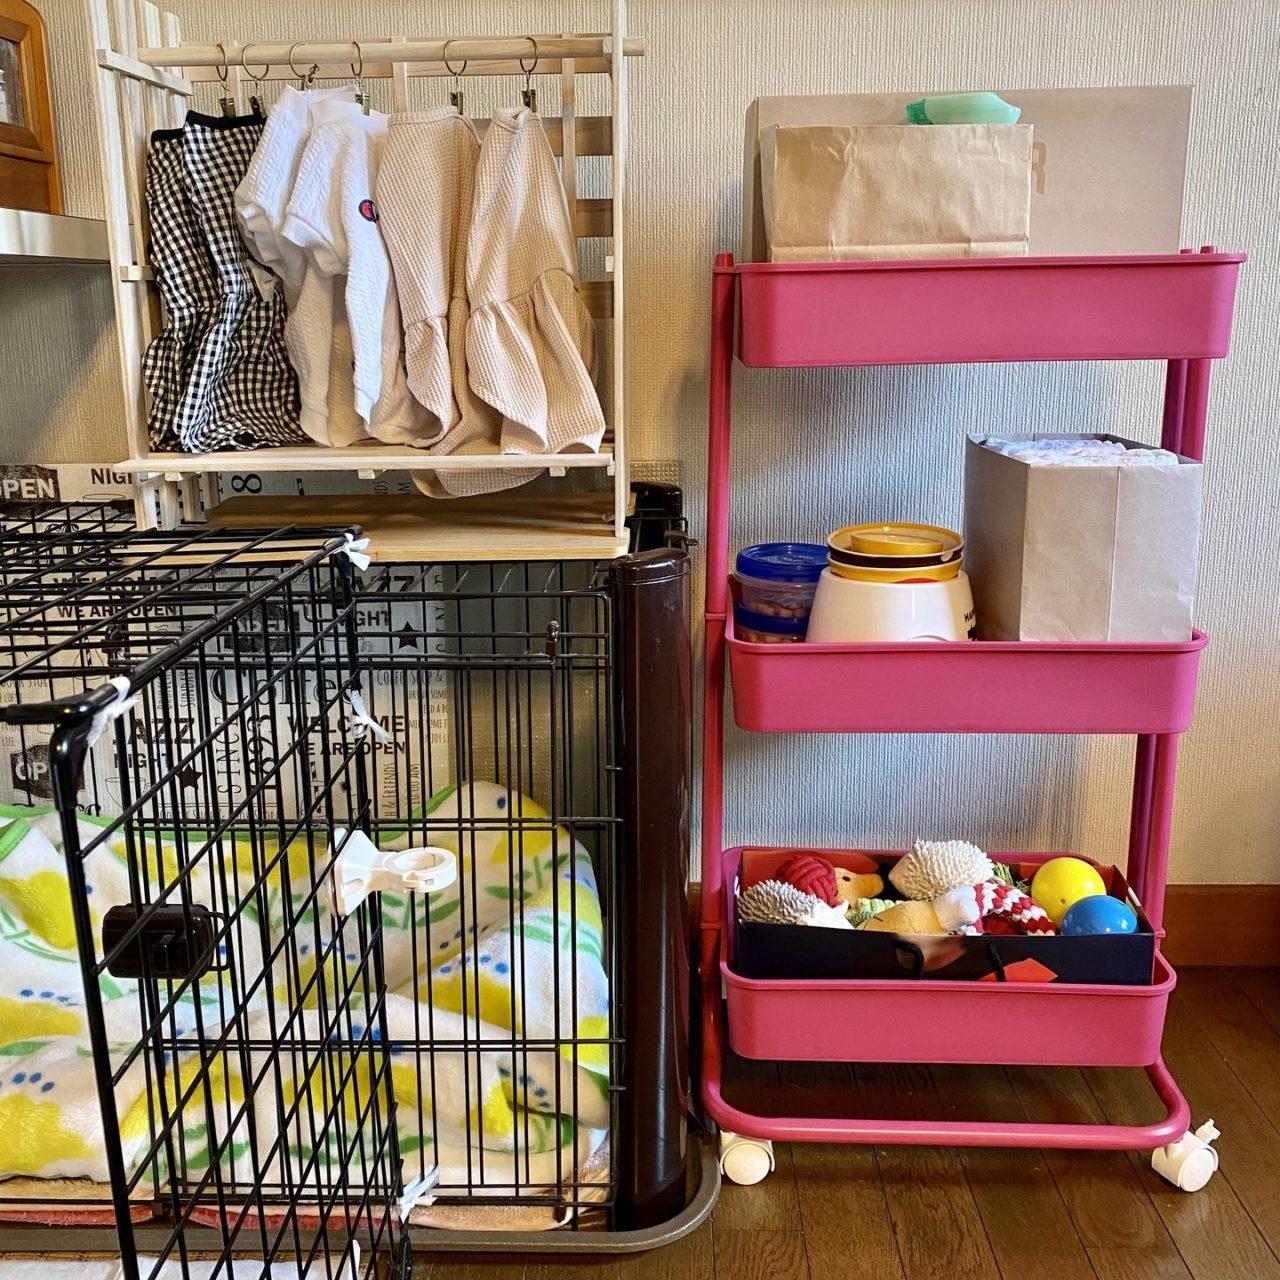 犬の生活用品の収納と並べてみた図